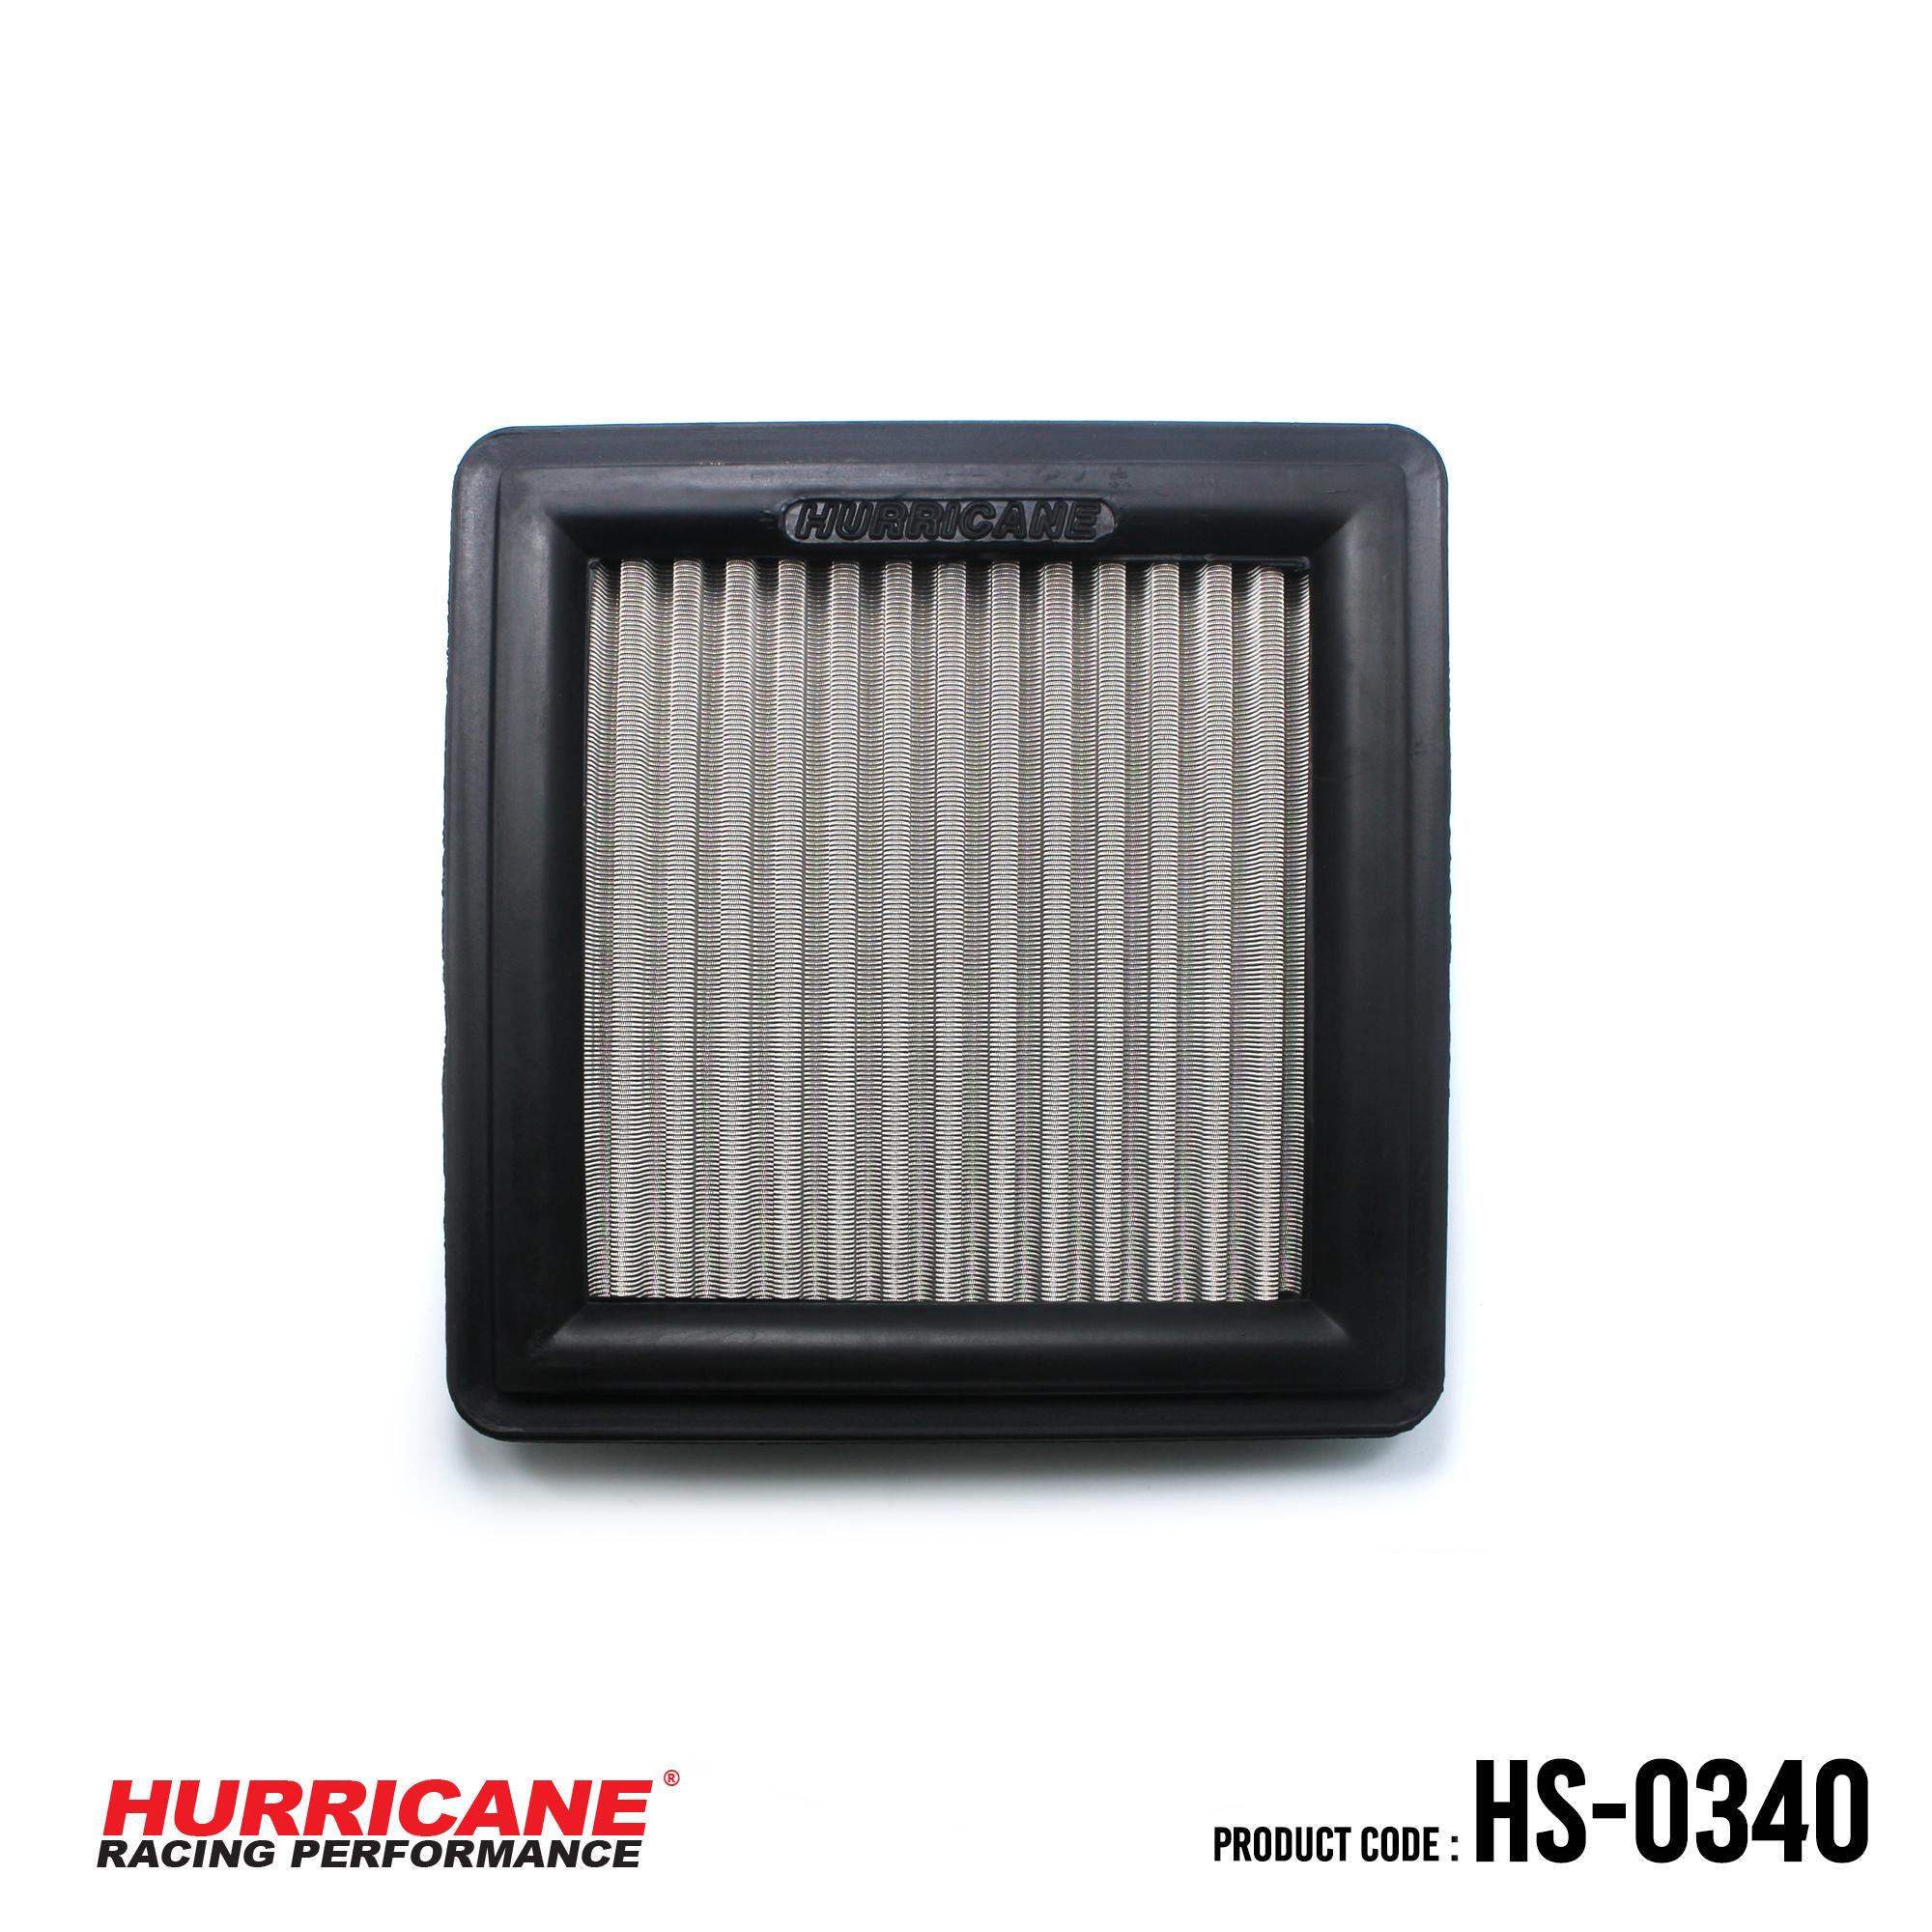 HURRICANE STAINLESS STEEL AIR FILTER FOR HS-0340 Honda